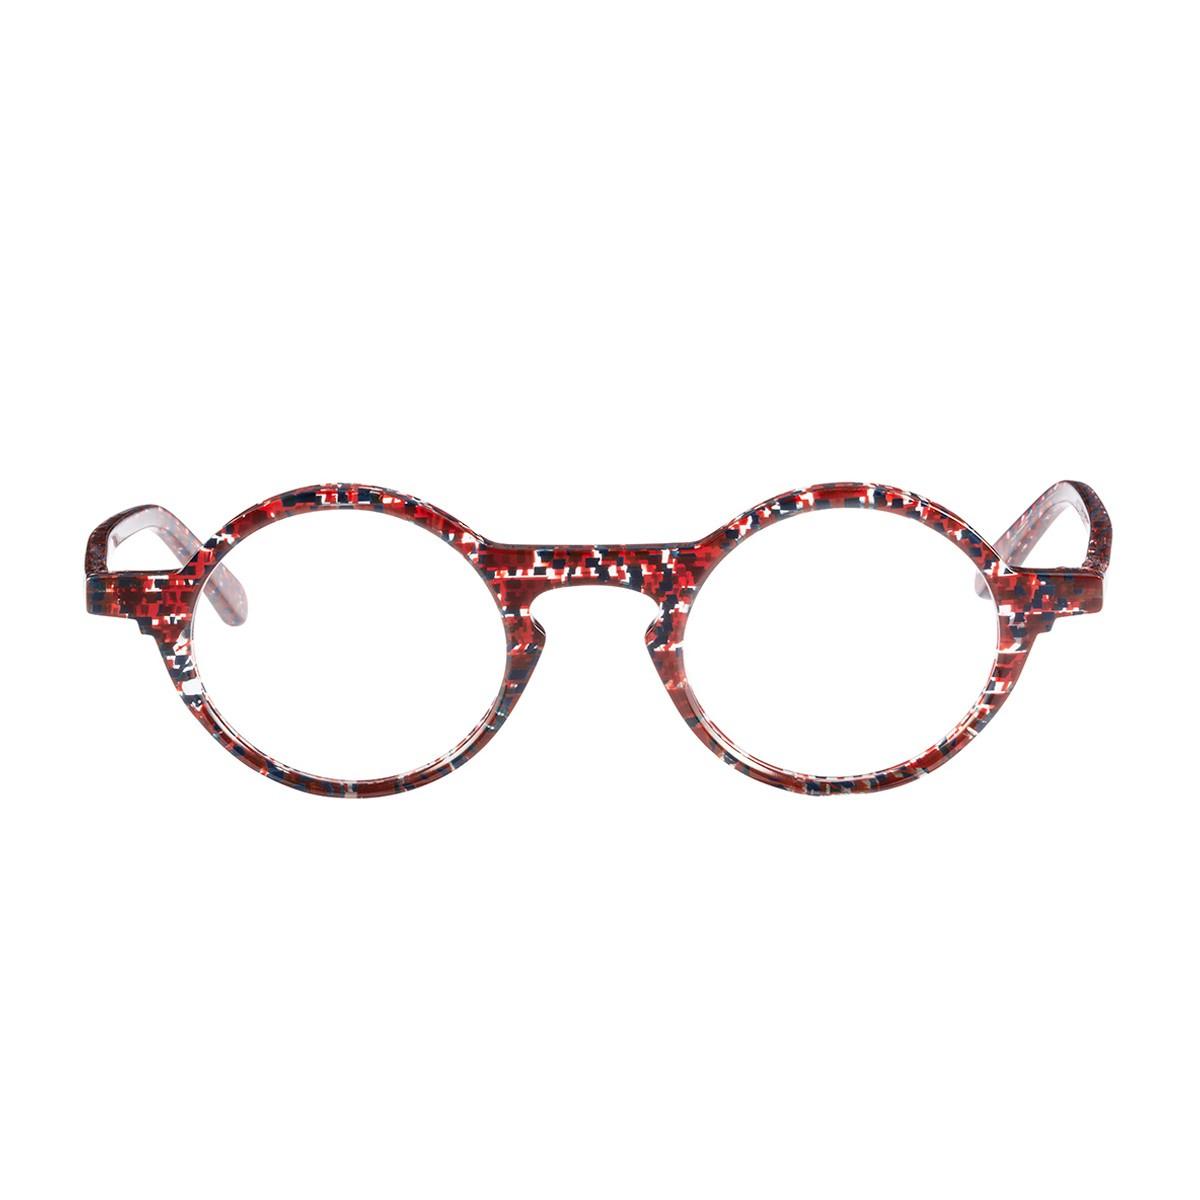 Matttew Figuier   Men's eyeglasses